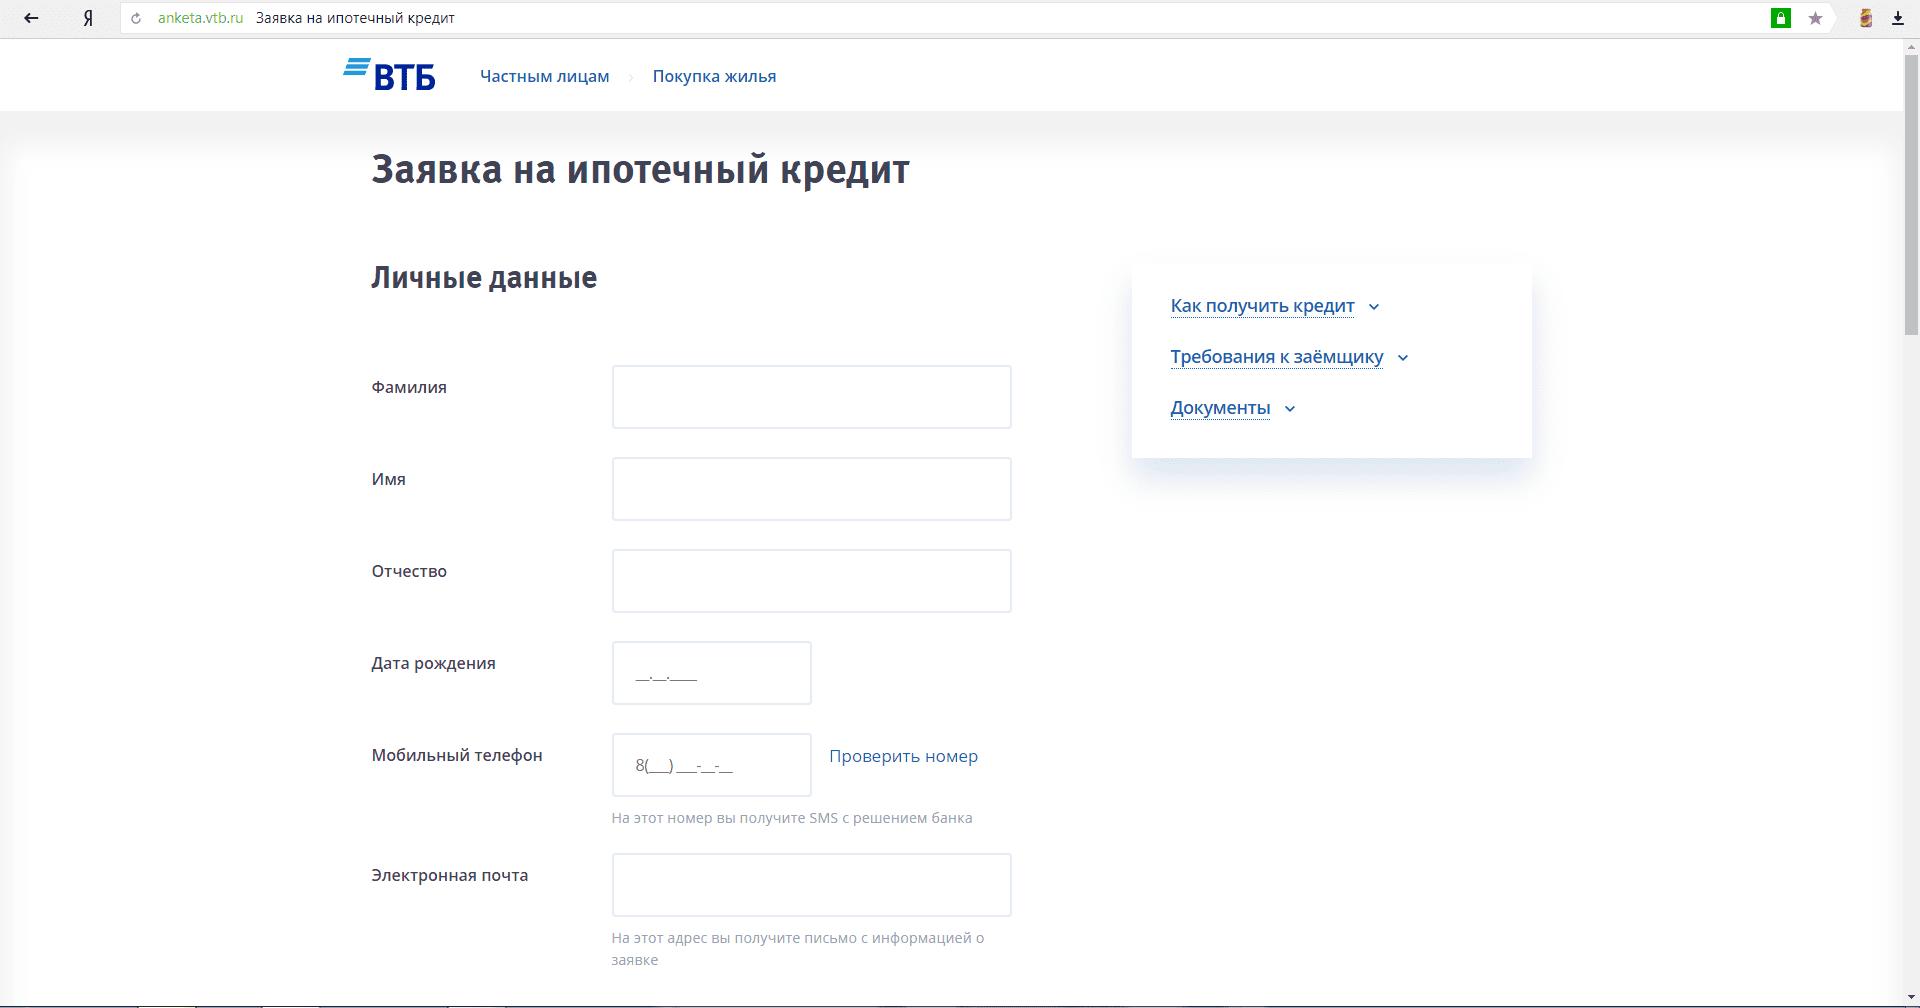 Поля для ввода личных данных5cb04259b719a